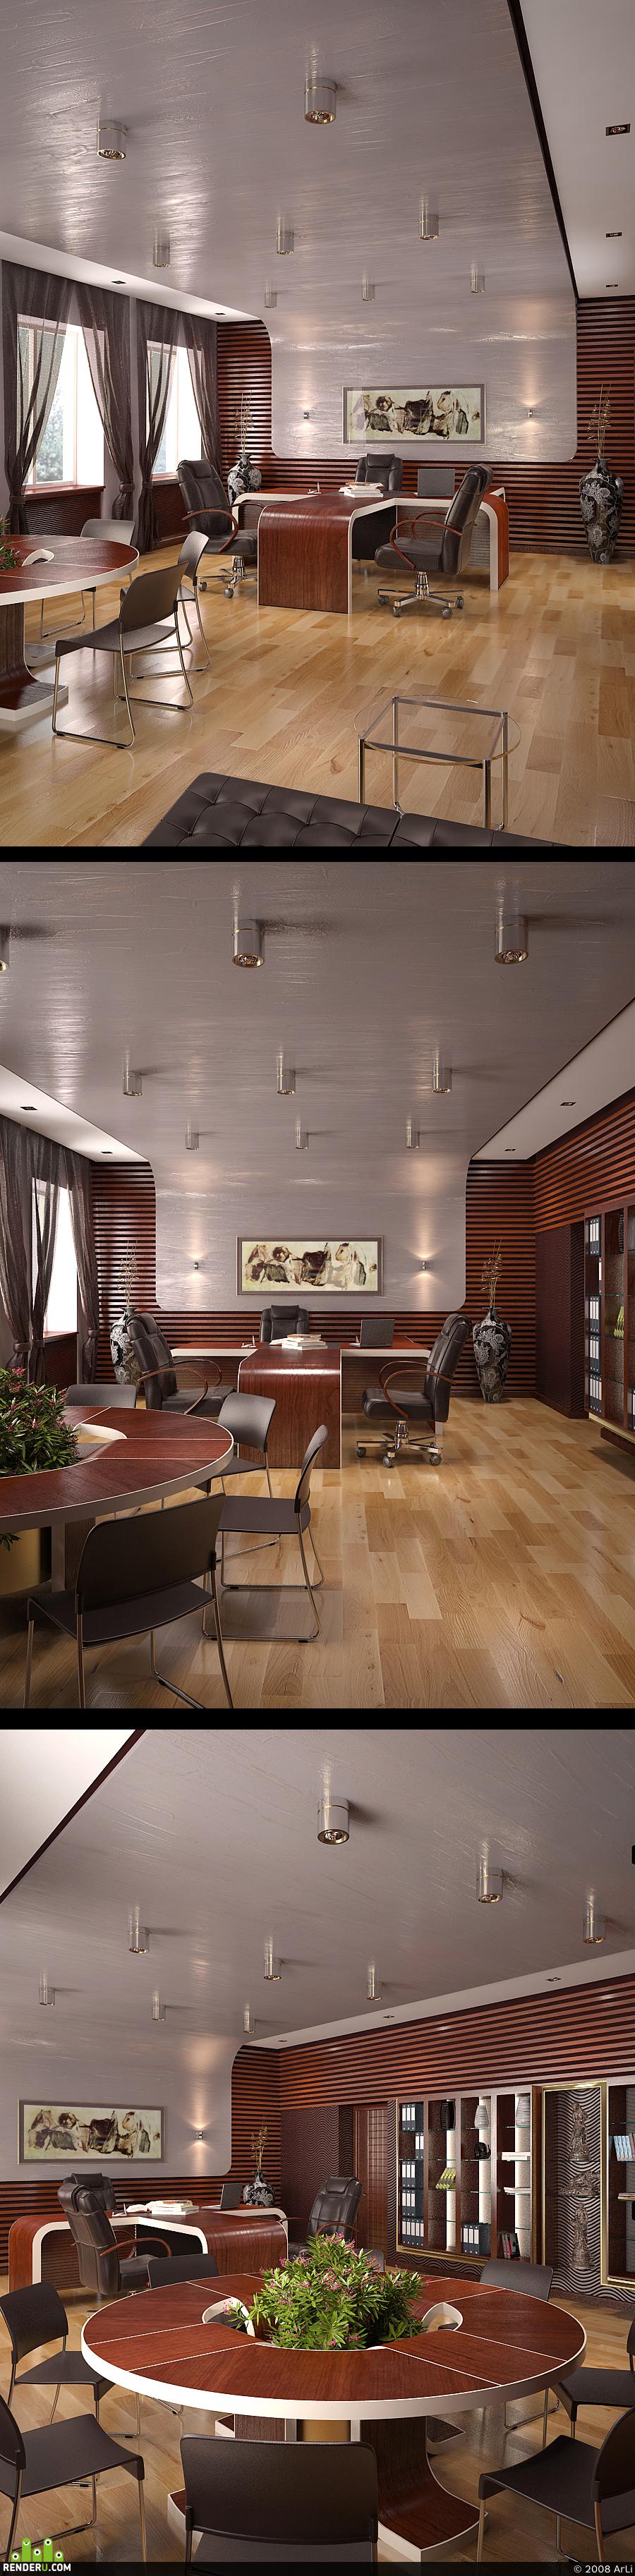 preview кабинет директора офиса